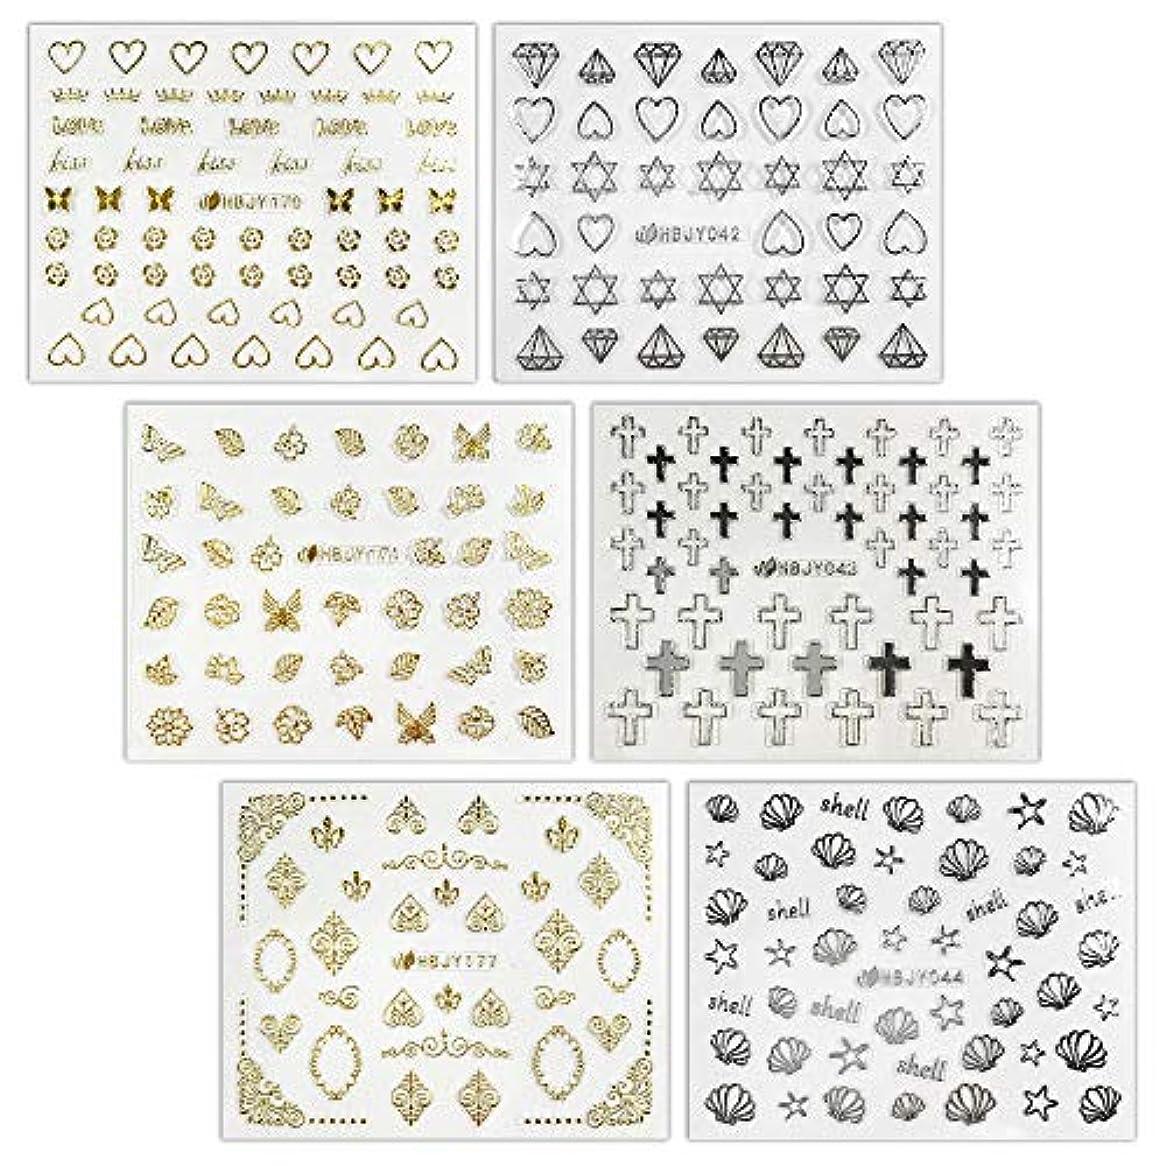 種類移住する奇妙な【リュミエラ】6枚セット レジン ネイル シールC【6種類各1枚 ゴールド?シルバー】 ハート バラ ダイヤ 十字架 etc. ネイルにも!